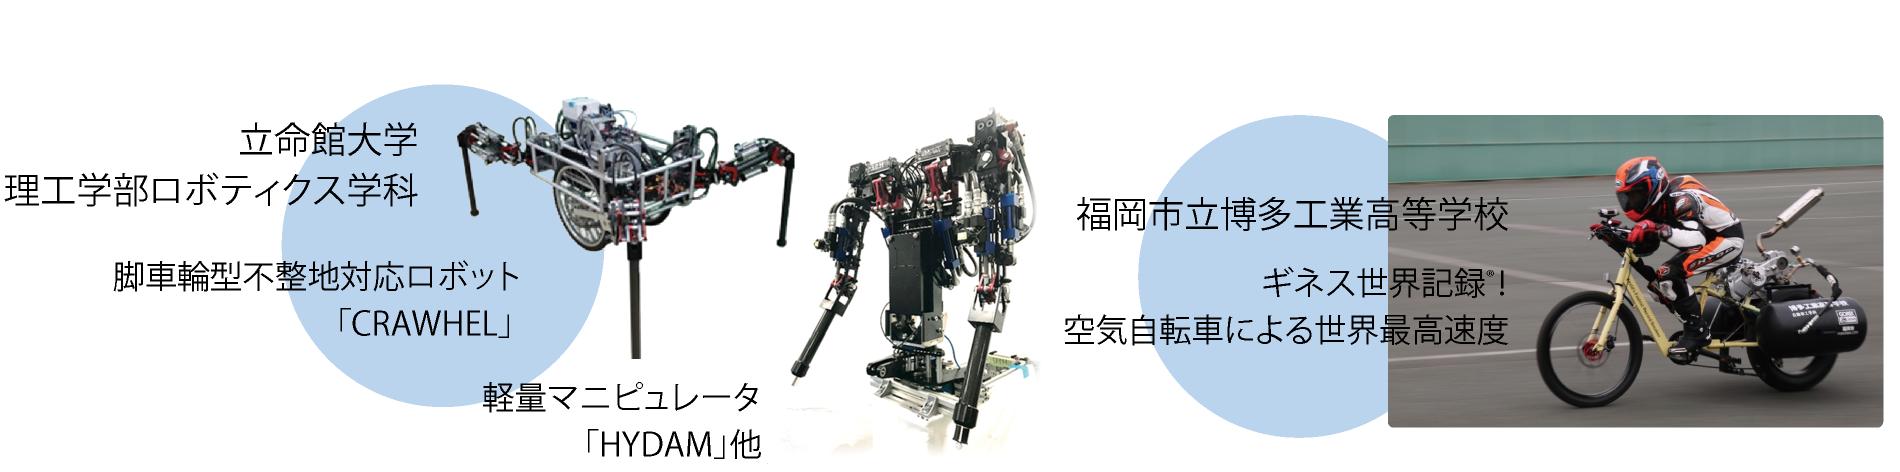 フルードパワーを活用したロボット展示コーナー&セミナー